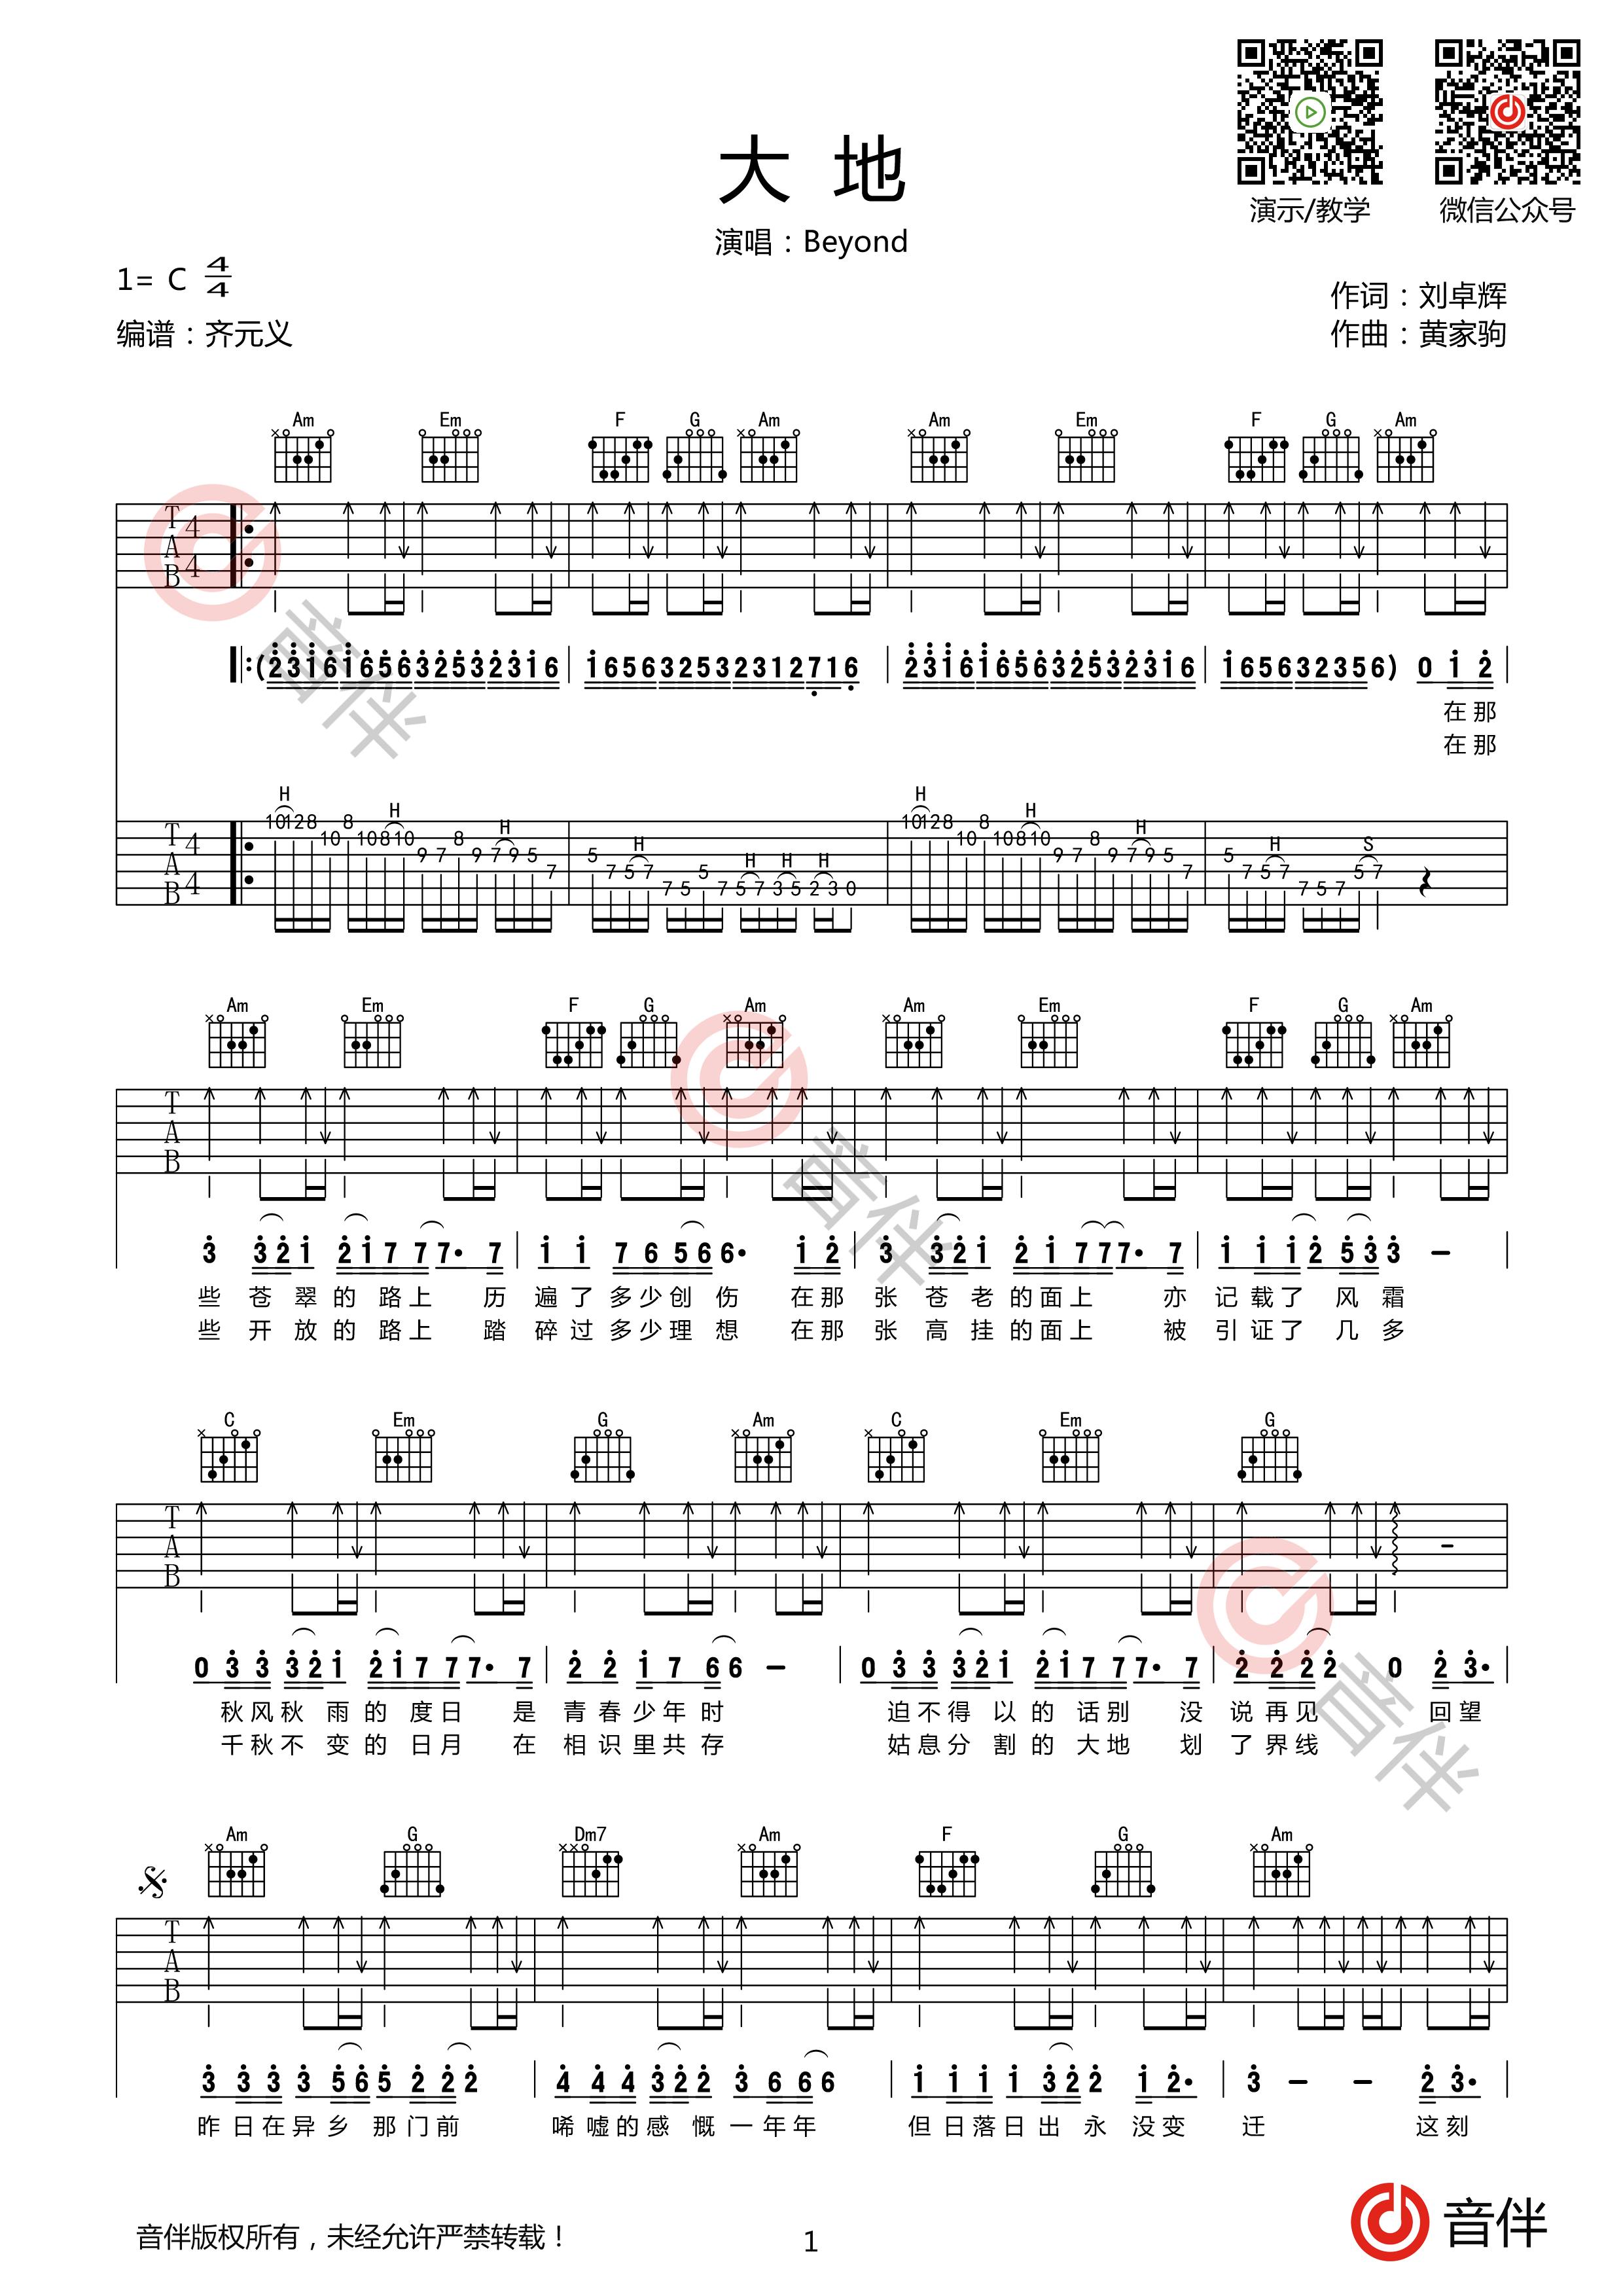 大地吉他谱1